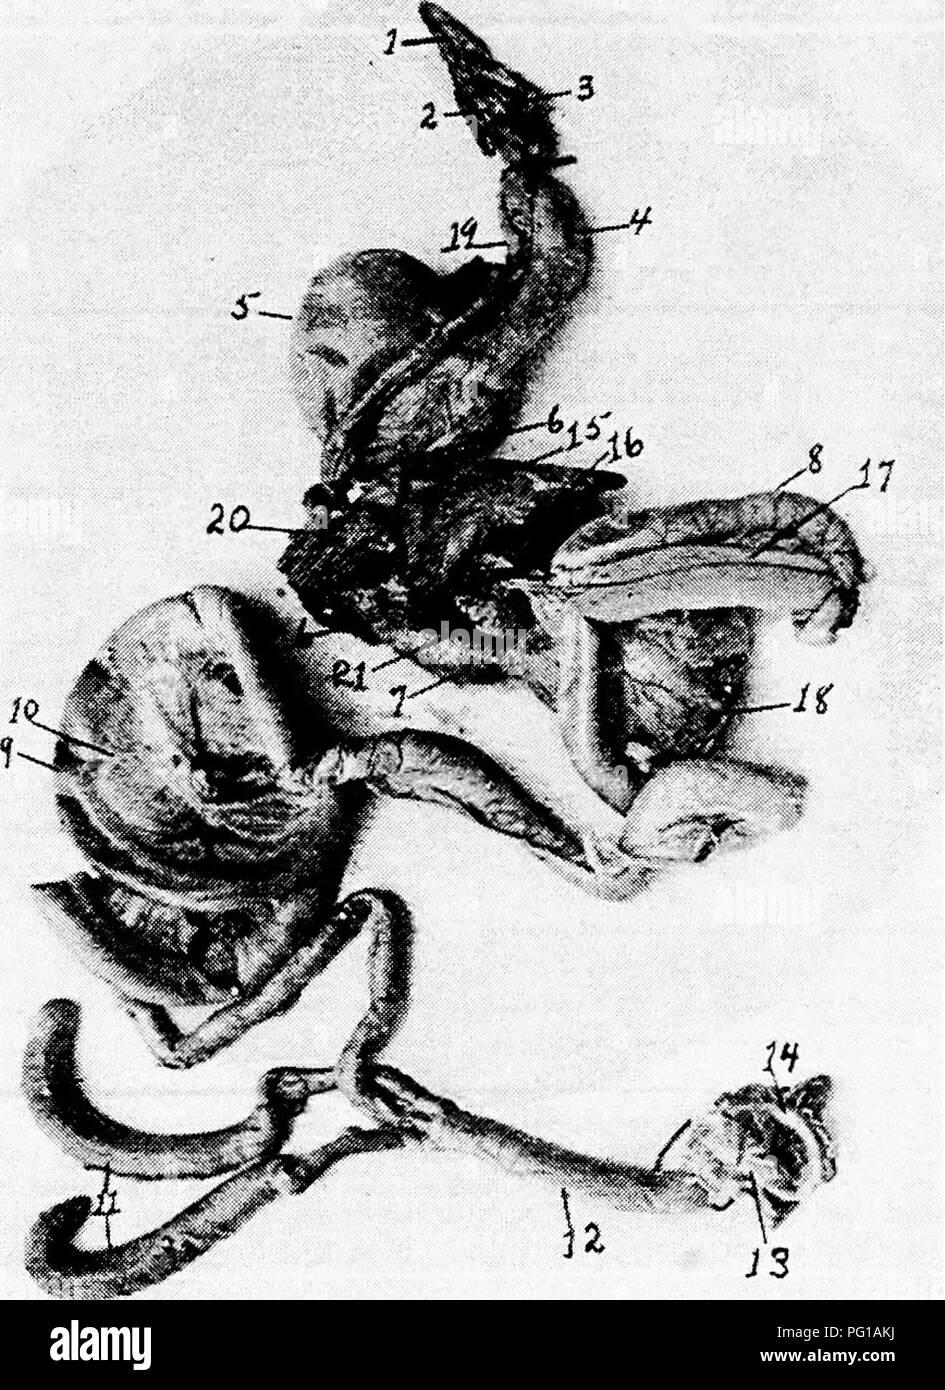 https www alamyimages fr l anatomie de la poule domestique les animaux domestiques medecine veterinaire la volaille j40 anatomie de la mandibule inferieure de la poule et est suspendue au crane par l activite de la cerato element de l os hyoideum fig i8 n 2 la forme la langue est fait a l avant et large derriere en forme de tete de fleche indienne et est pris en charge par l appareil hyoide osseux et cartilagineux fig g a fig 31 les organes visceraux de la poule i langue maternelle 2 du larynx 3 la glotte 4 premiere partie de l oesophage 5 recolte 6 deuxieme partie de l oesophage 7 proventricule 8 le duodenum 9 gratuitement ou floa image216389254 html